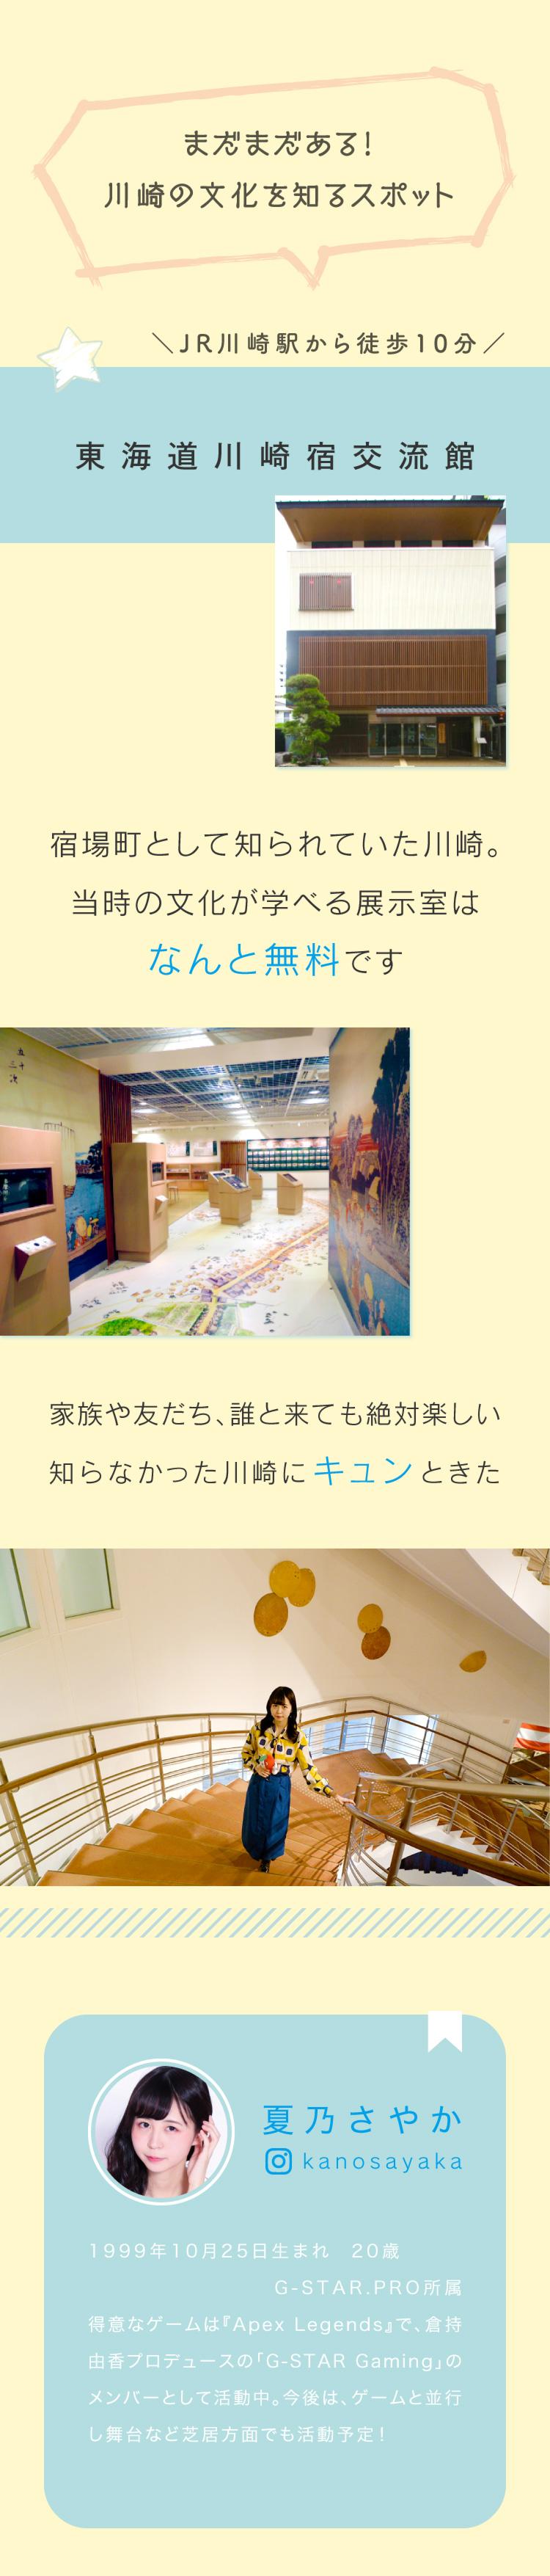 東海道川崎宿交流館